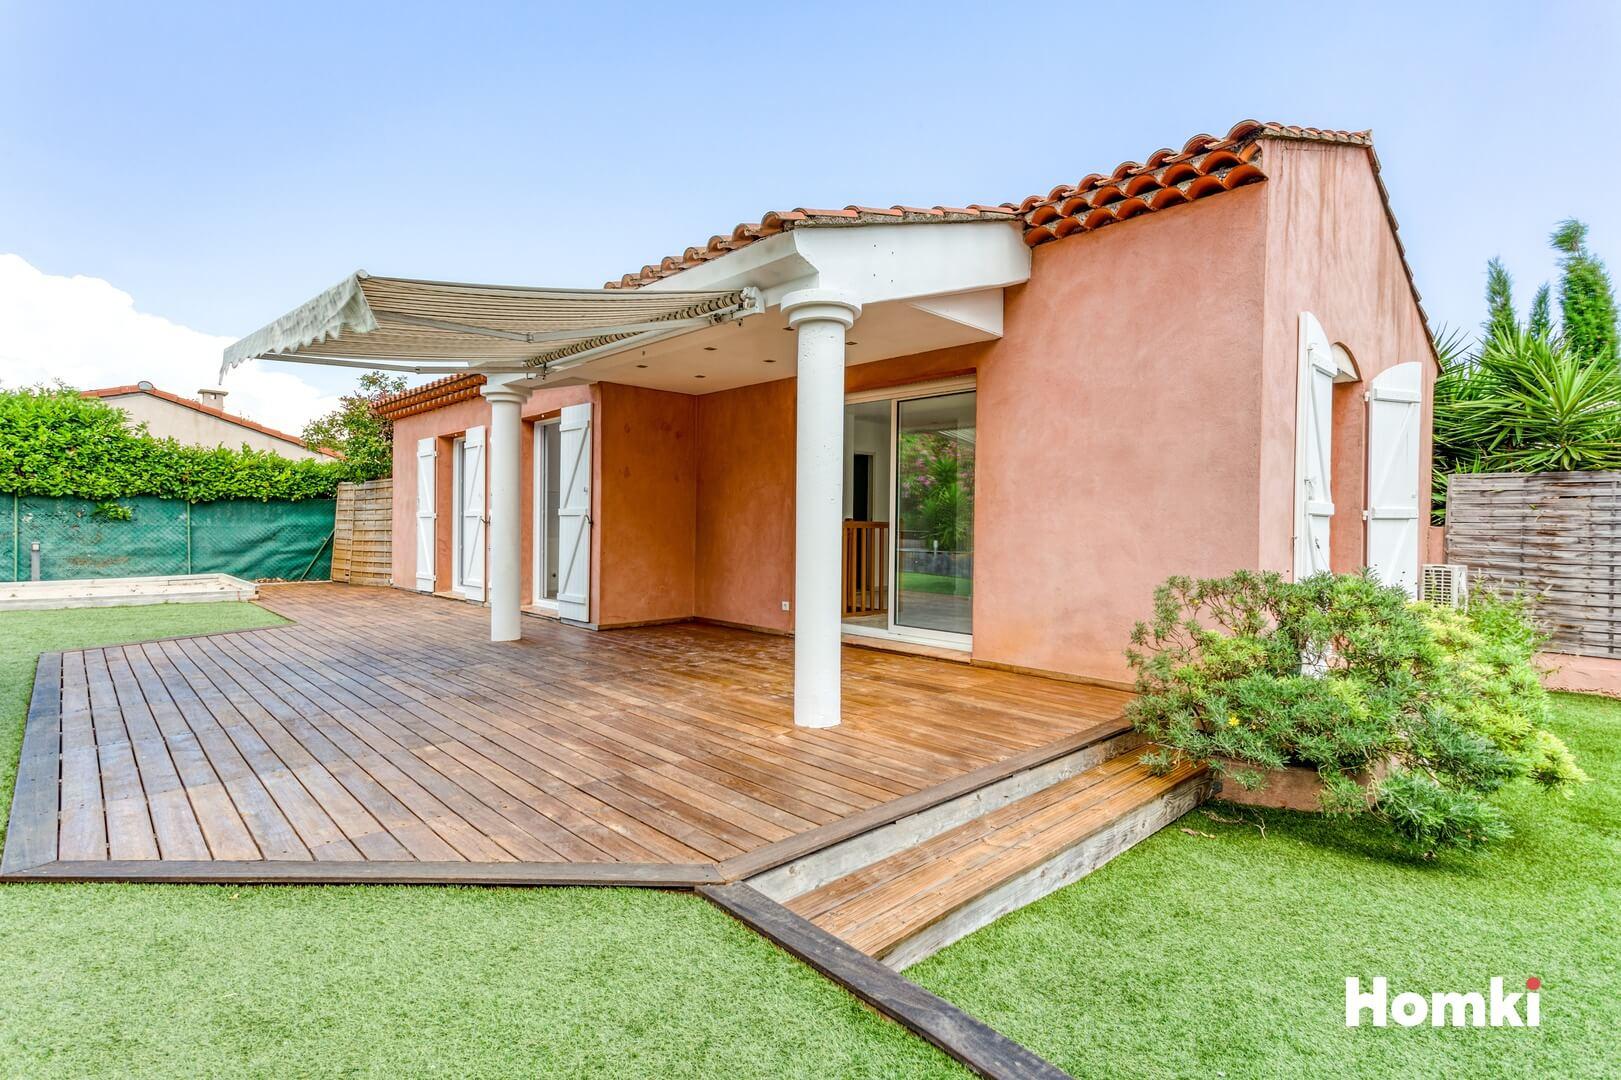 Homki - Vente Maison/villa  de 80.0 m² à Biot 06410